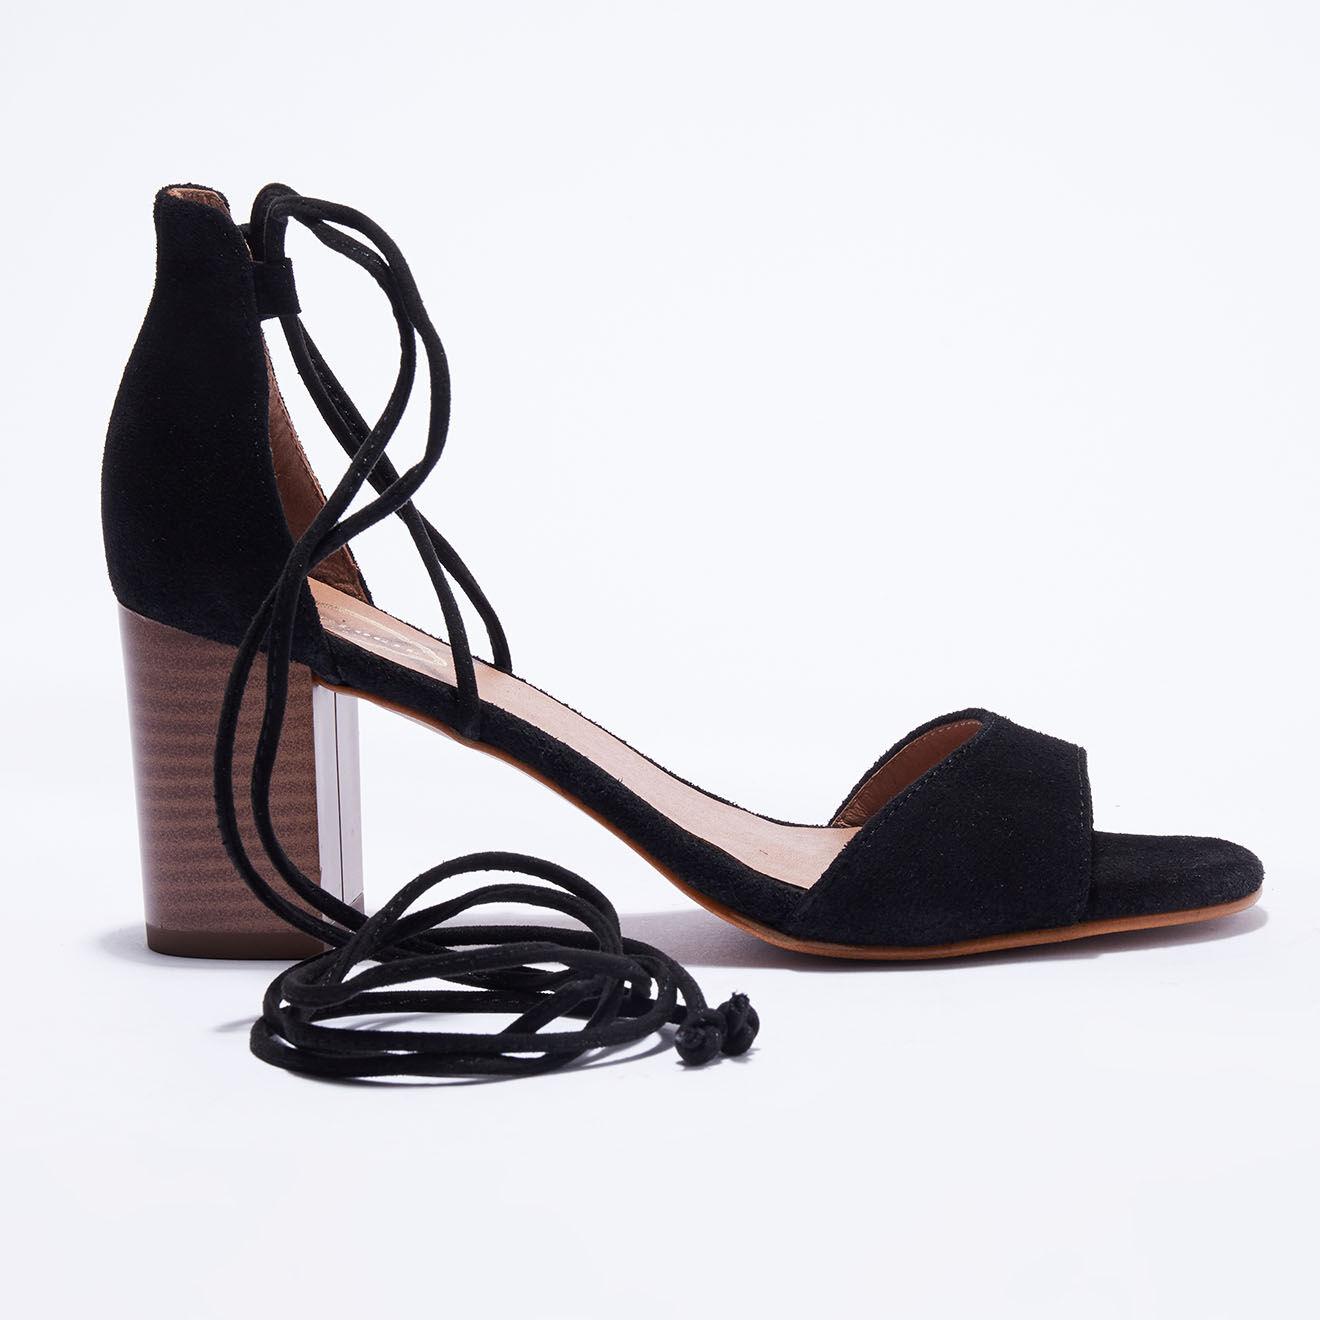 Sandales en Velours de Cuir noires - Talon 7 cm - Apologie - Modalova